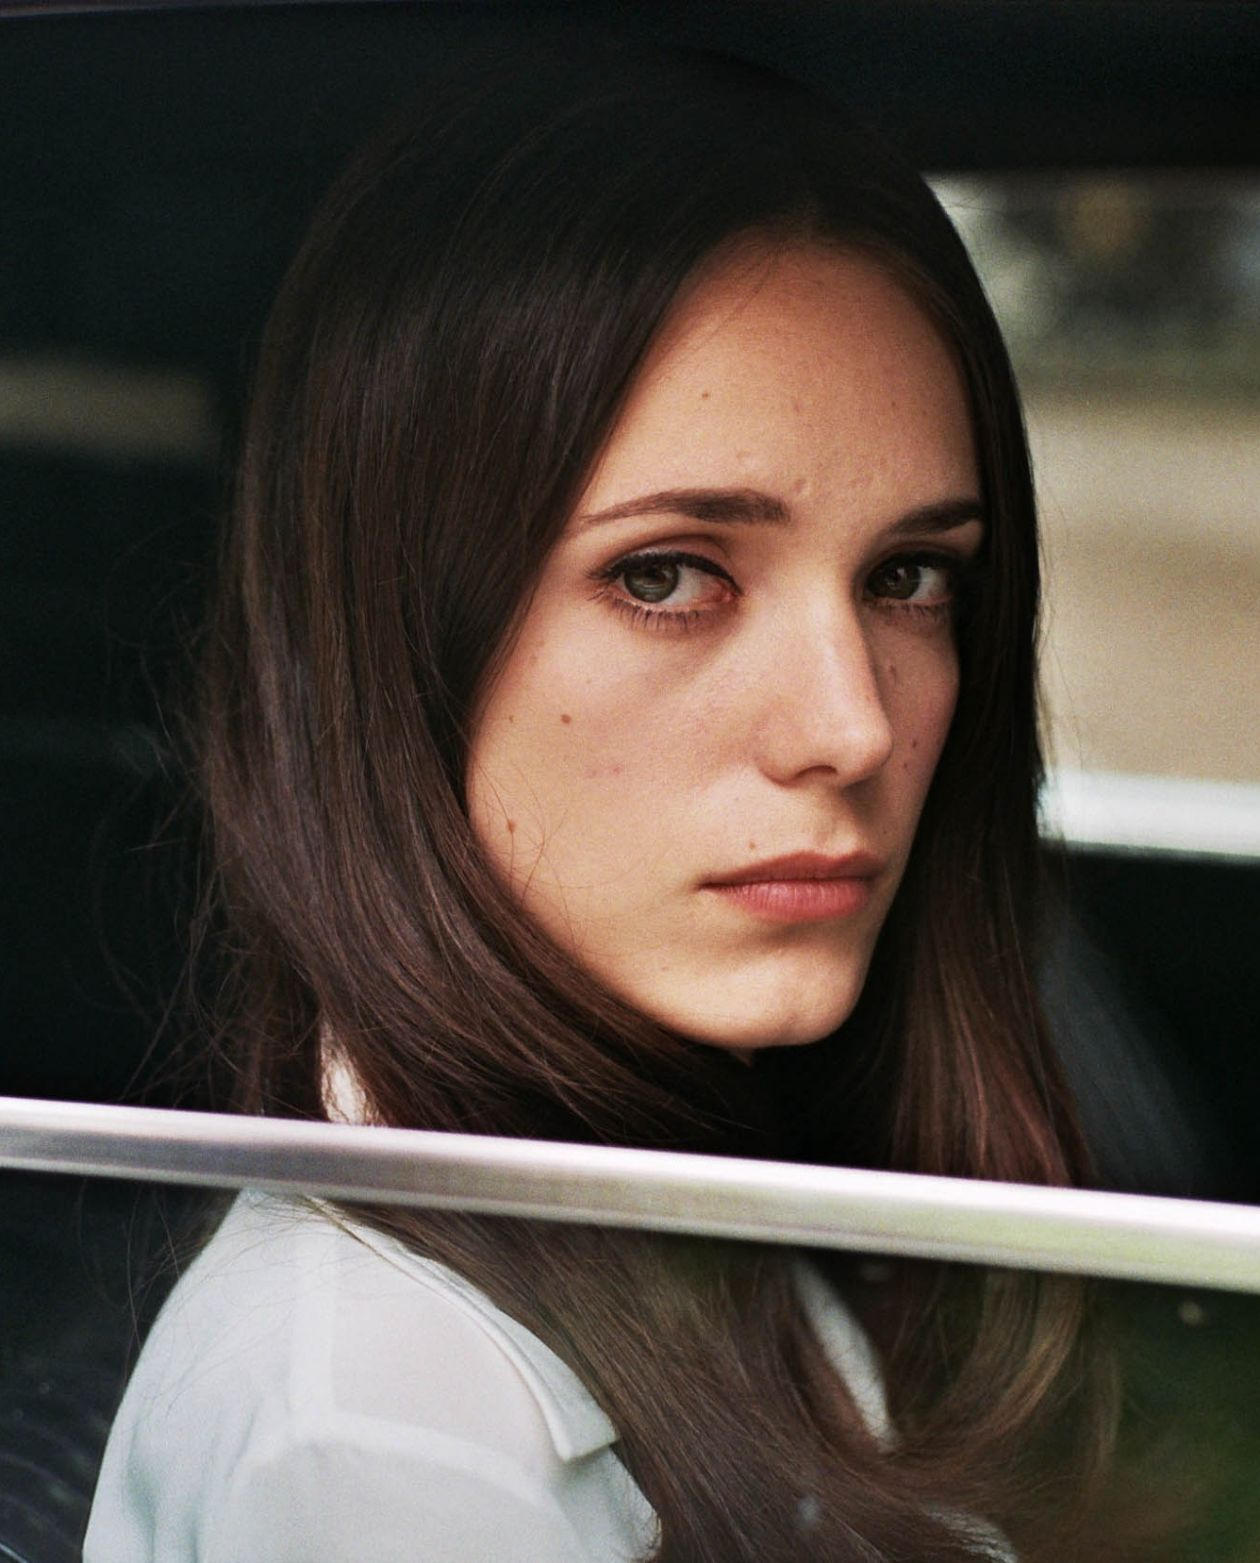 Stacy Martin actress | La dame dans l'auto avec des lunettes et un fusil / The Lady in the Car with Glasses and a Gun / Joann Sfar 2015